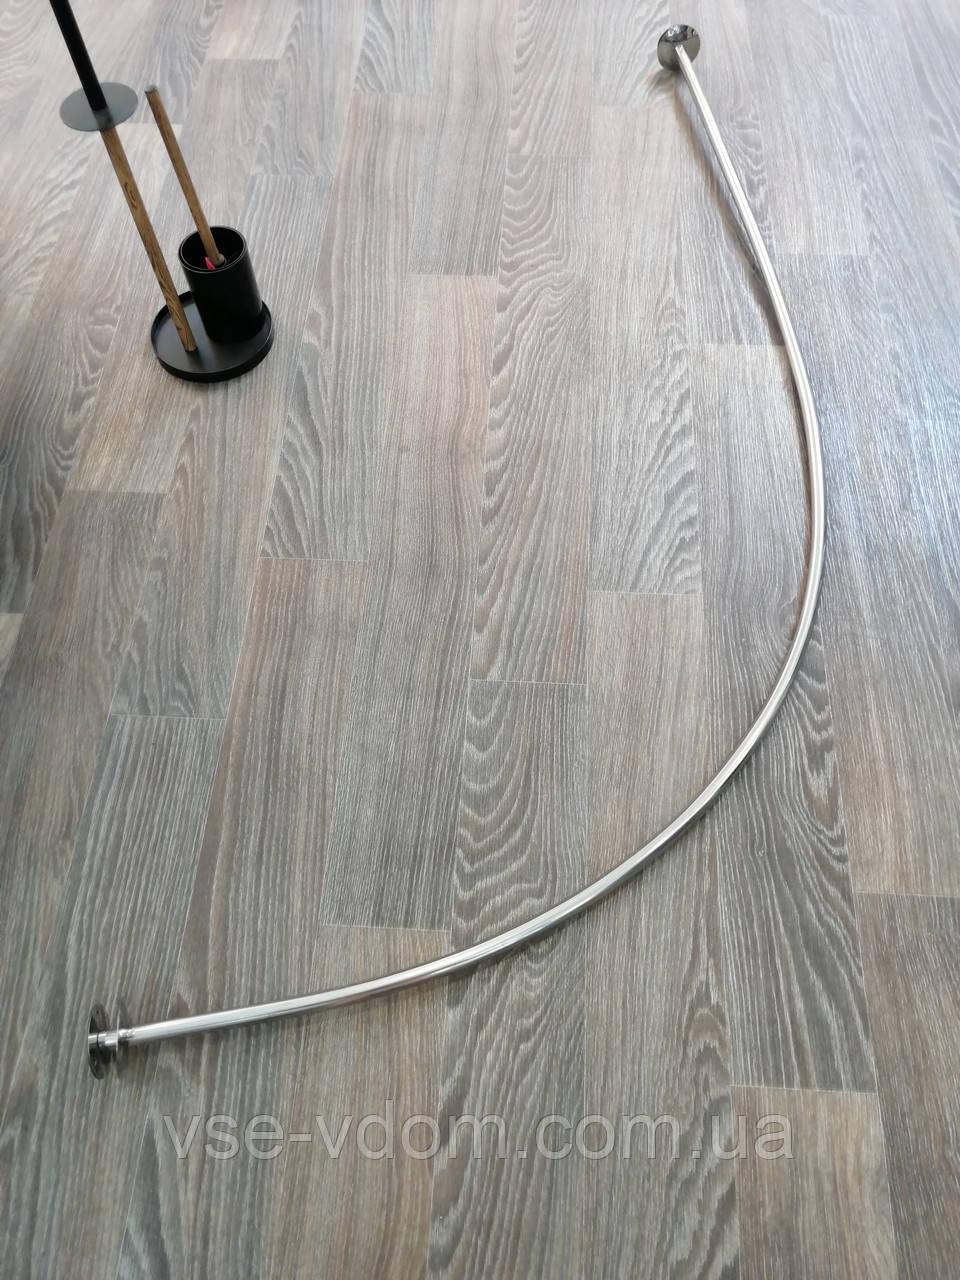 Карниз дуга для ванной 70*170 нержавейка